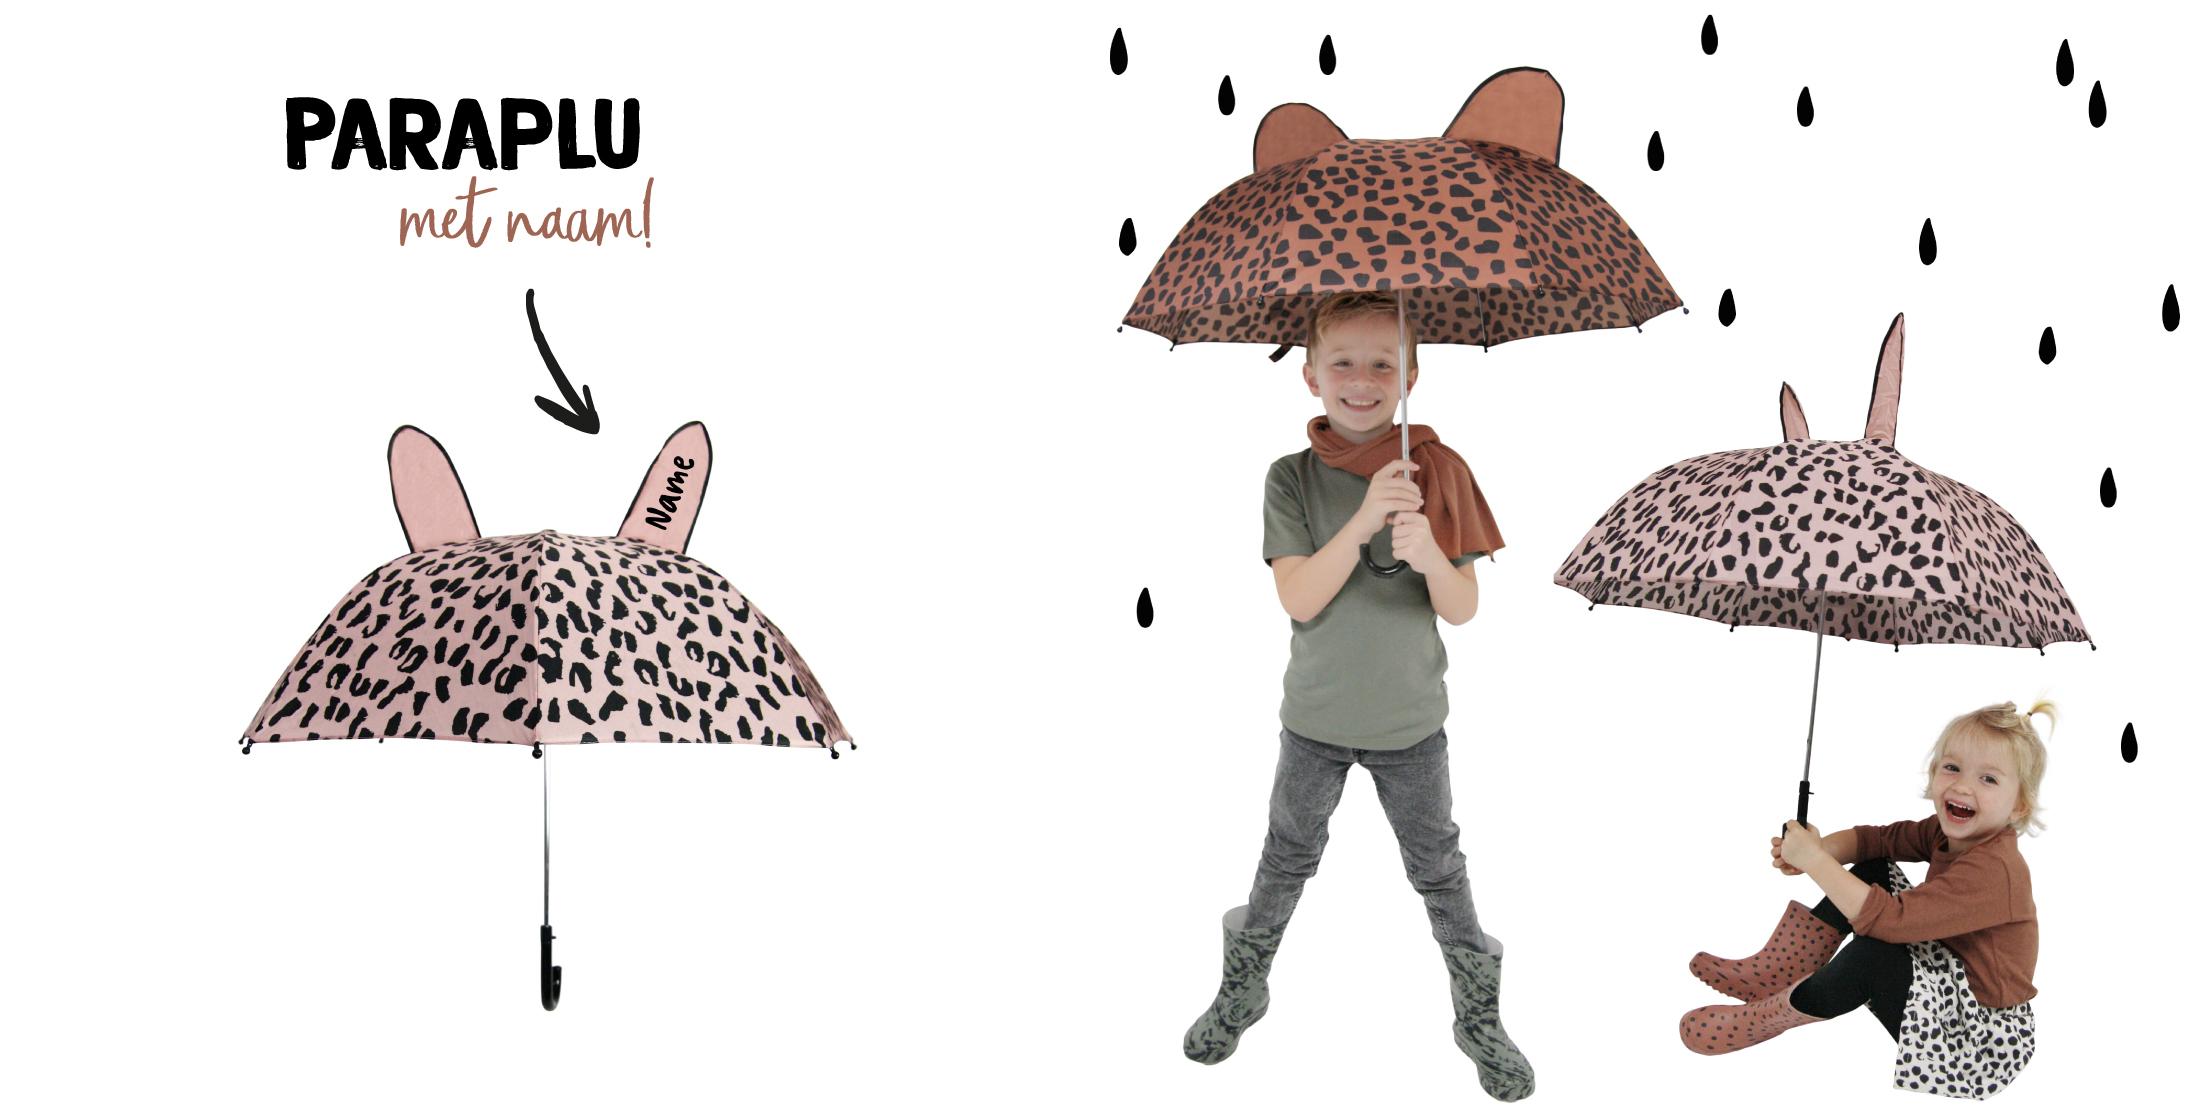 Paraplu vanPauline